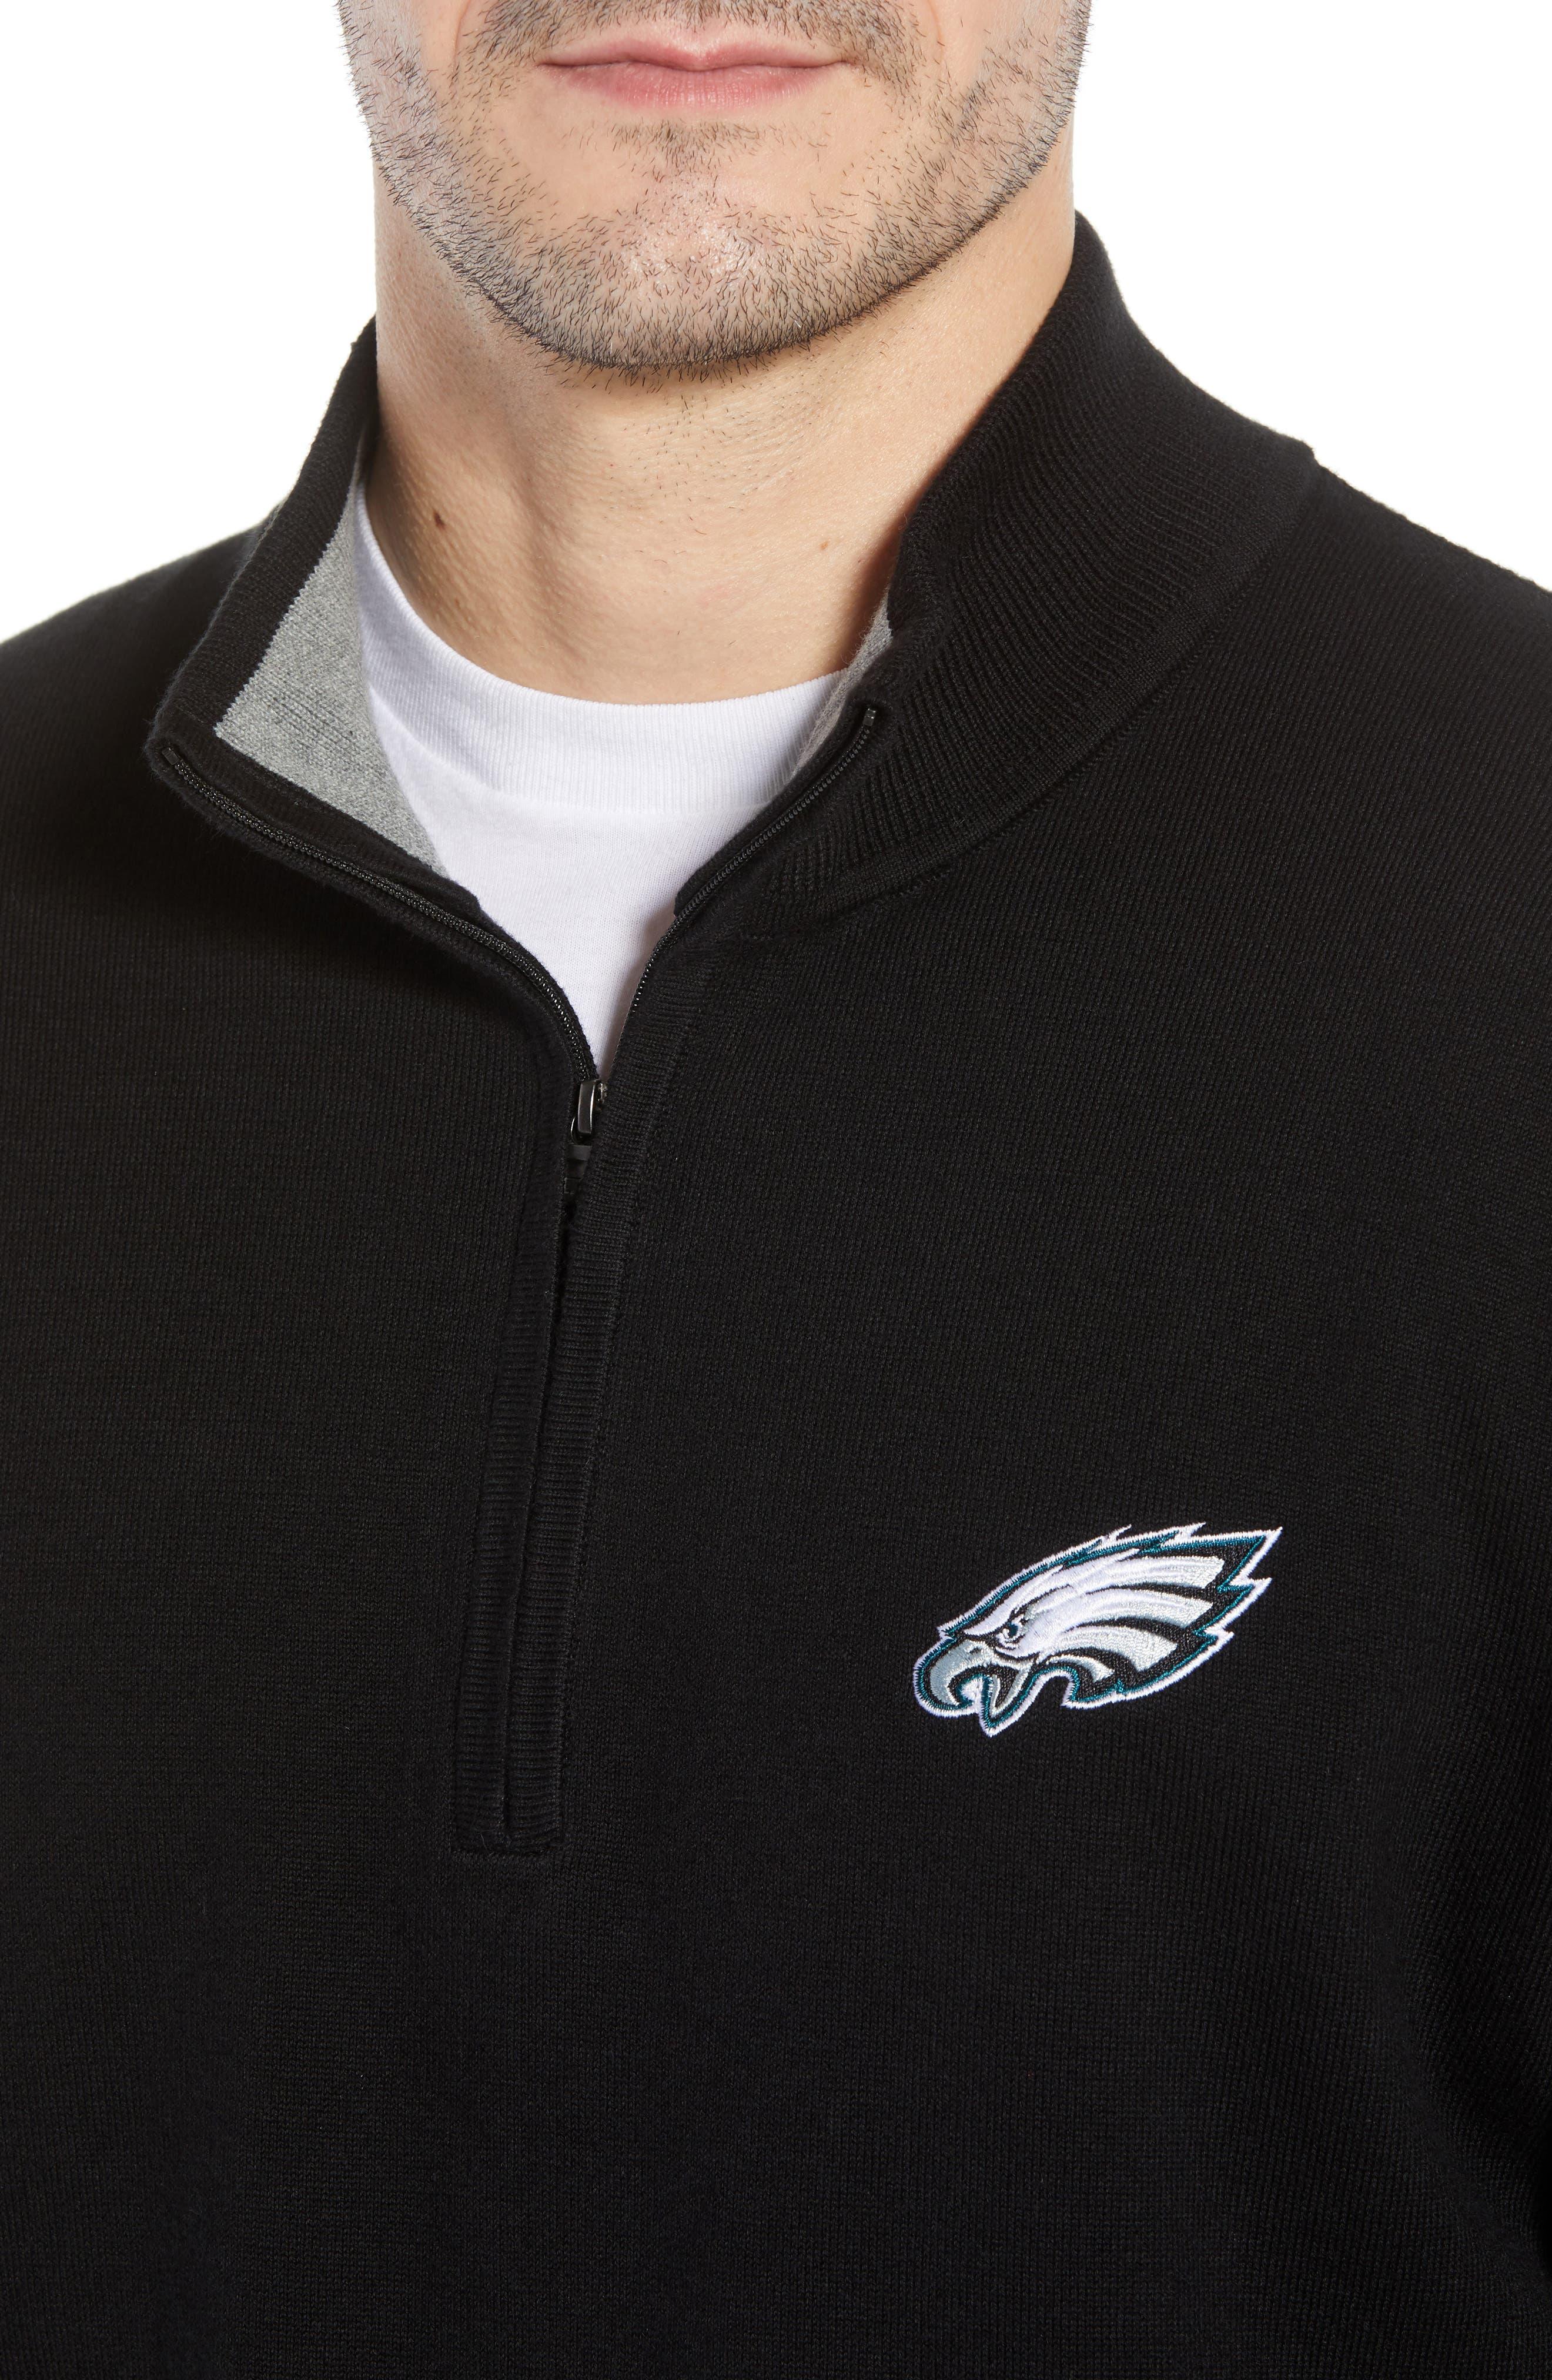 Philadelphia Eagles - Lakemont Regular Fit Quarter Zip Sweater,                             Alternate thumbnail 4, color,                             BLACK